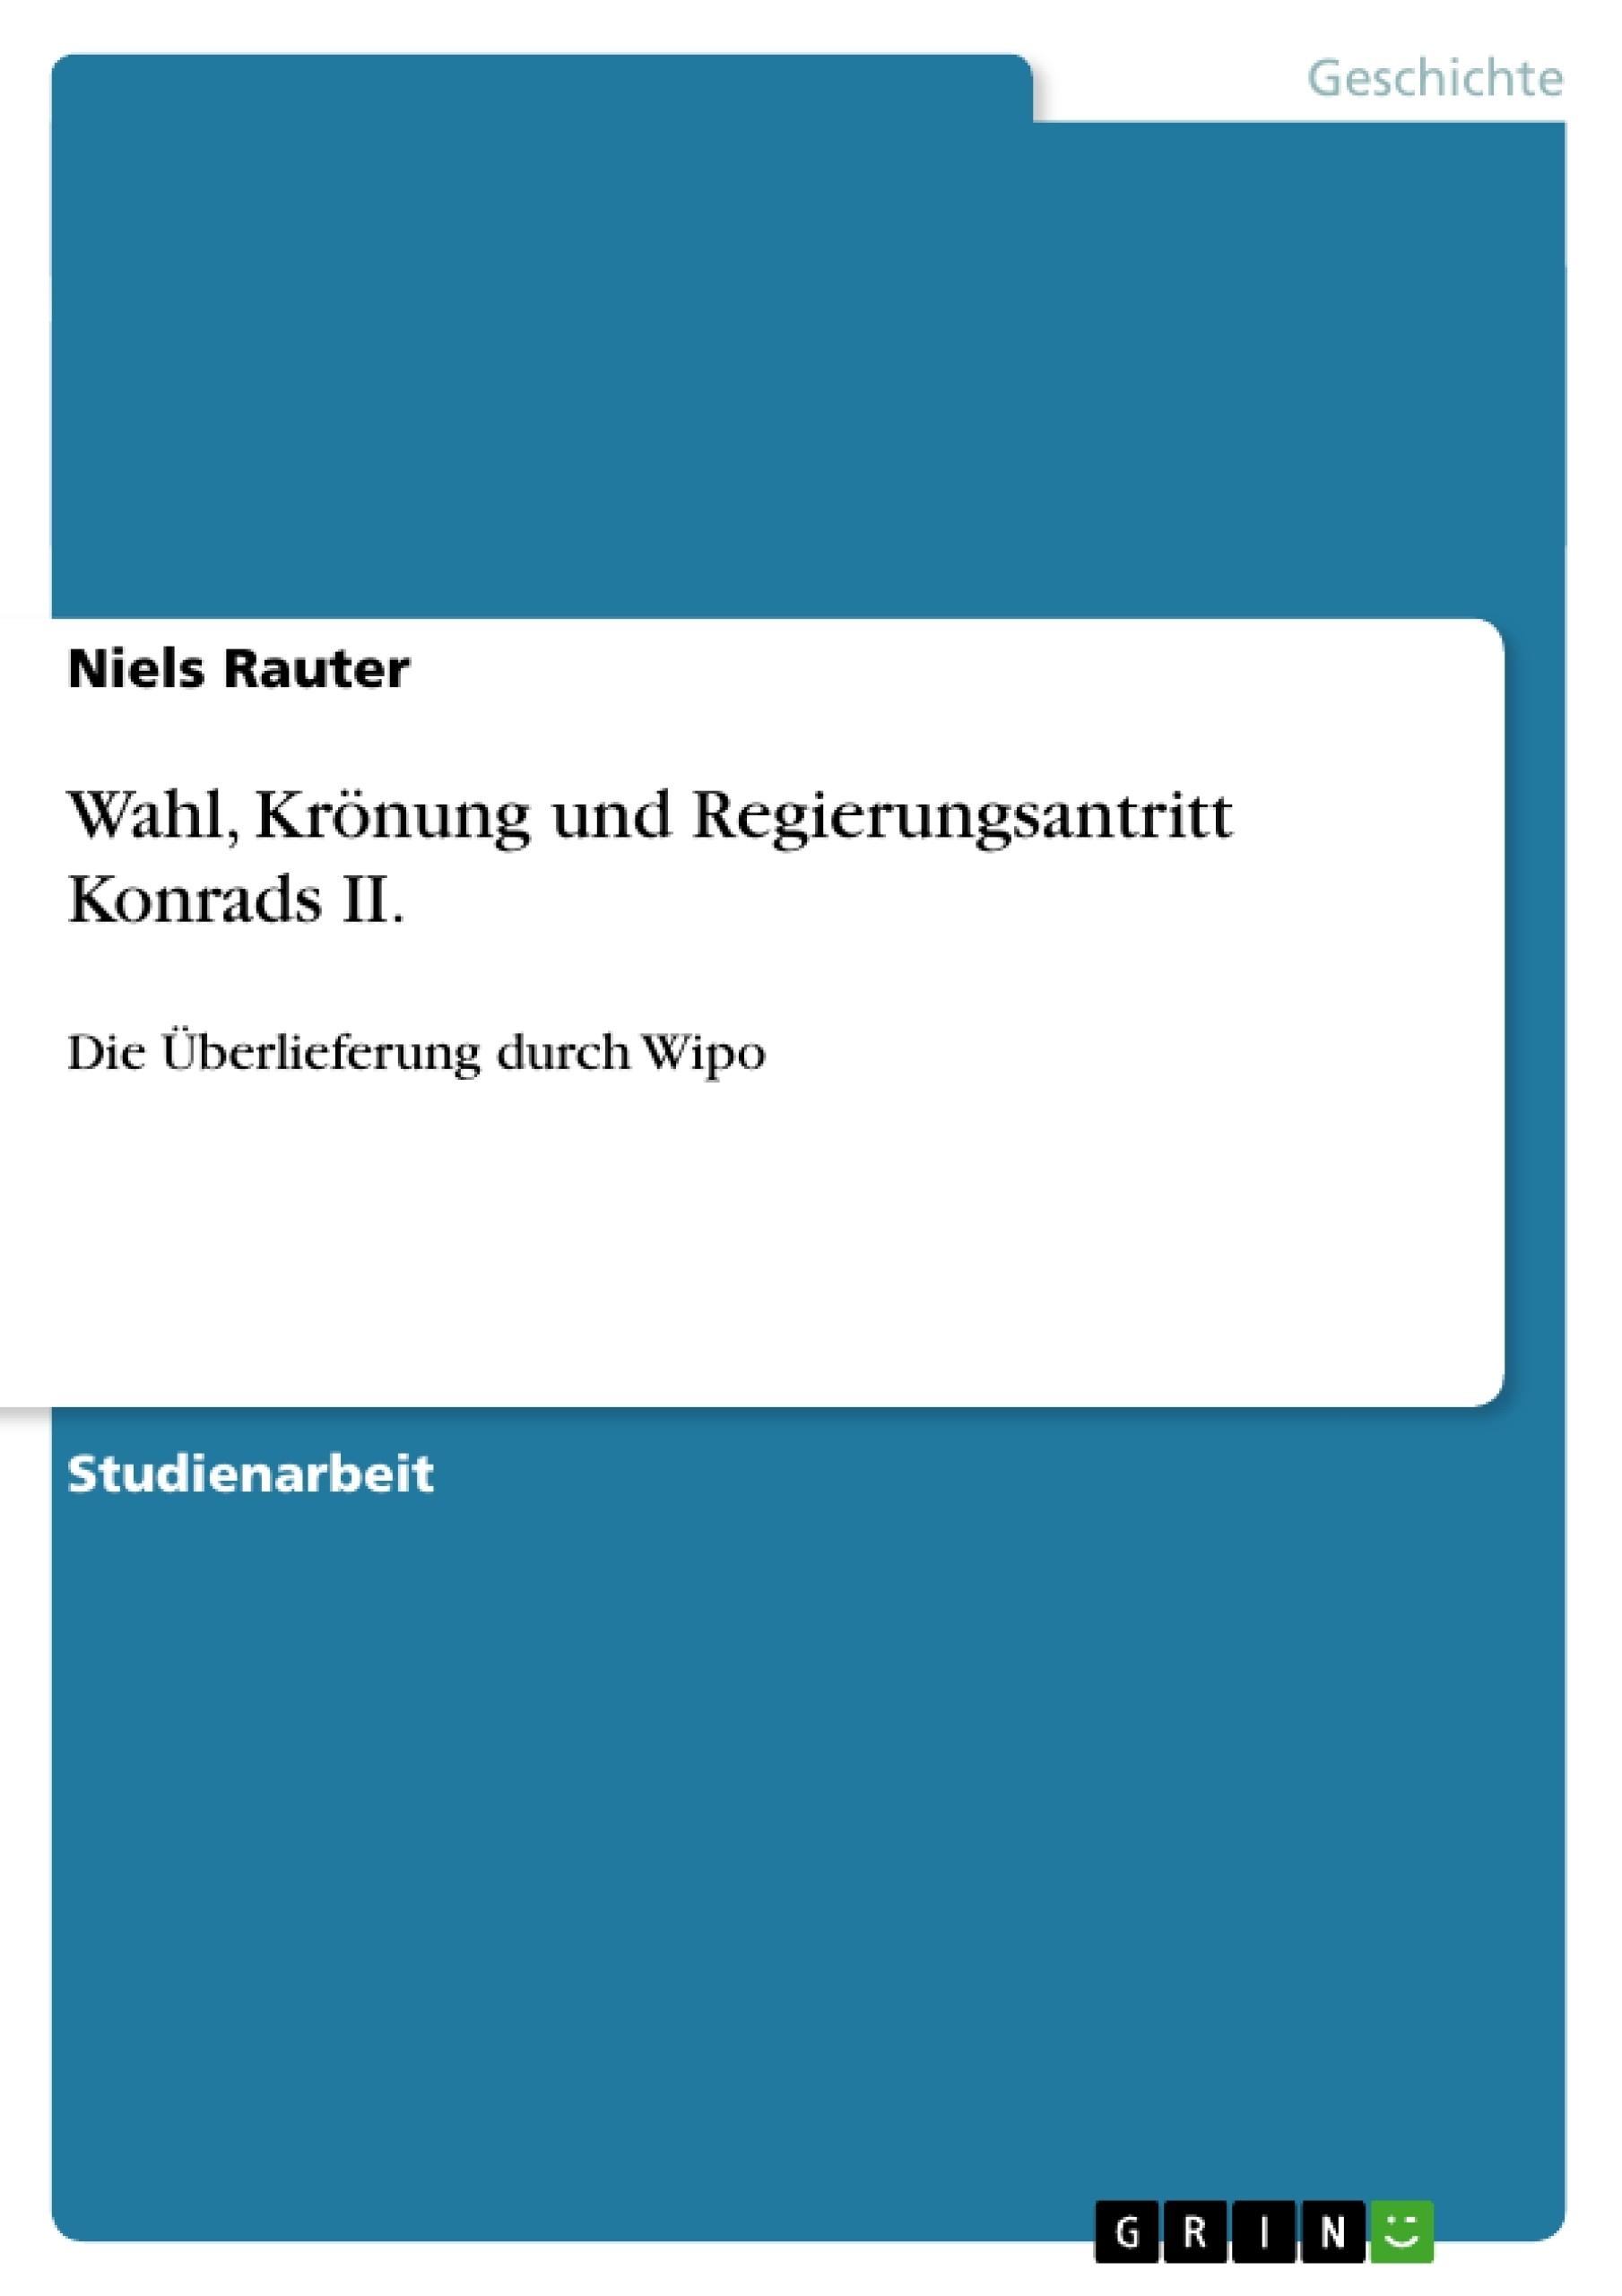 Titel: Wahl, Krönung und Regierungsantritt Konrads II.